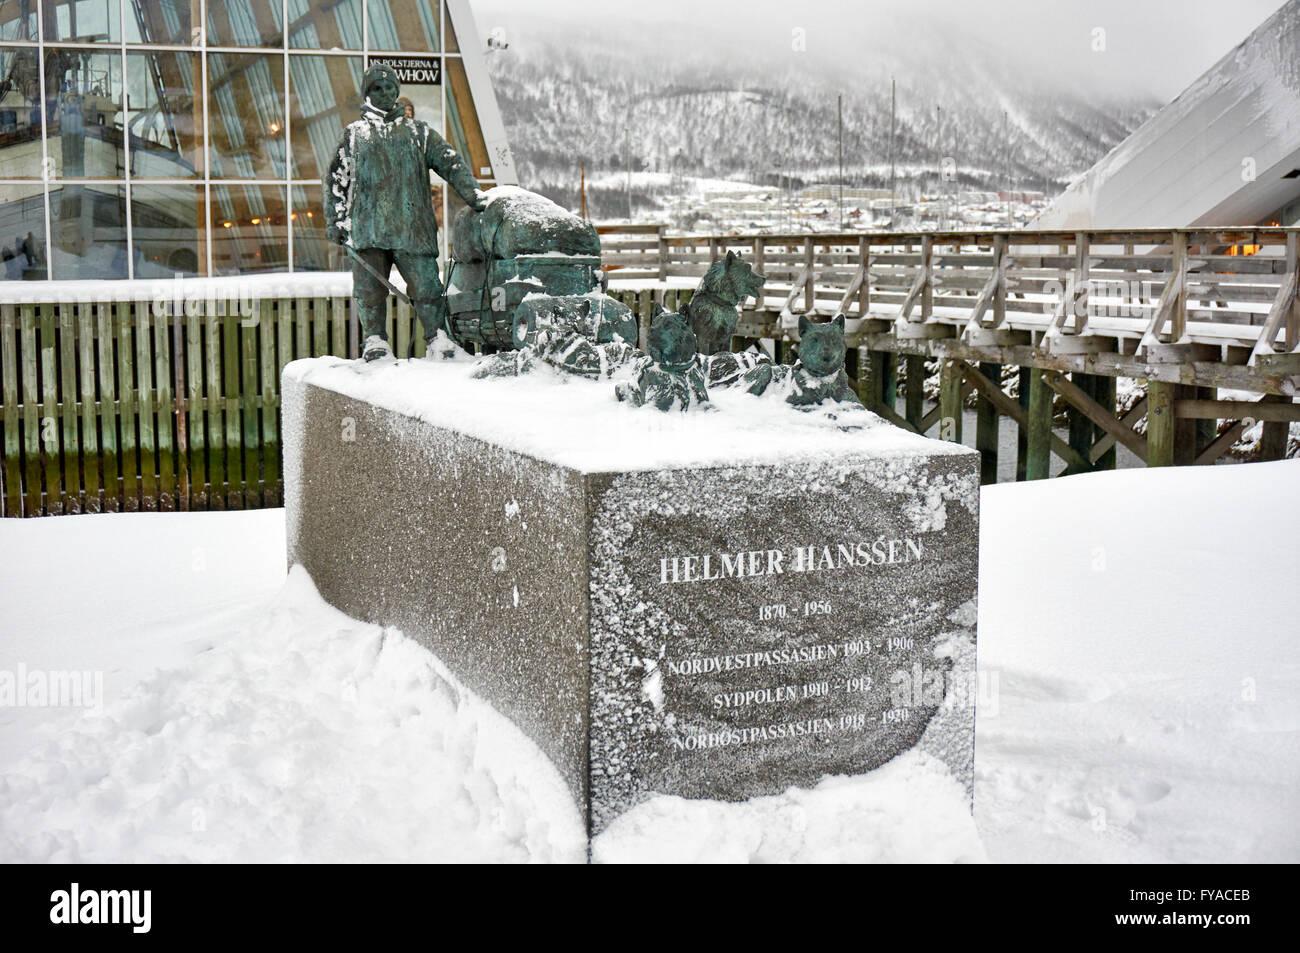 Cubiertas de nieve, memorial de explorador ártico Helmer Hanssen, Tromsø, Troms, Noruega, Europa Imagen De Stock